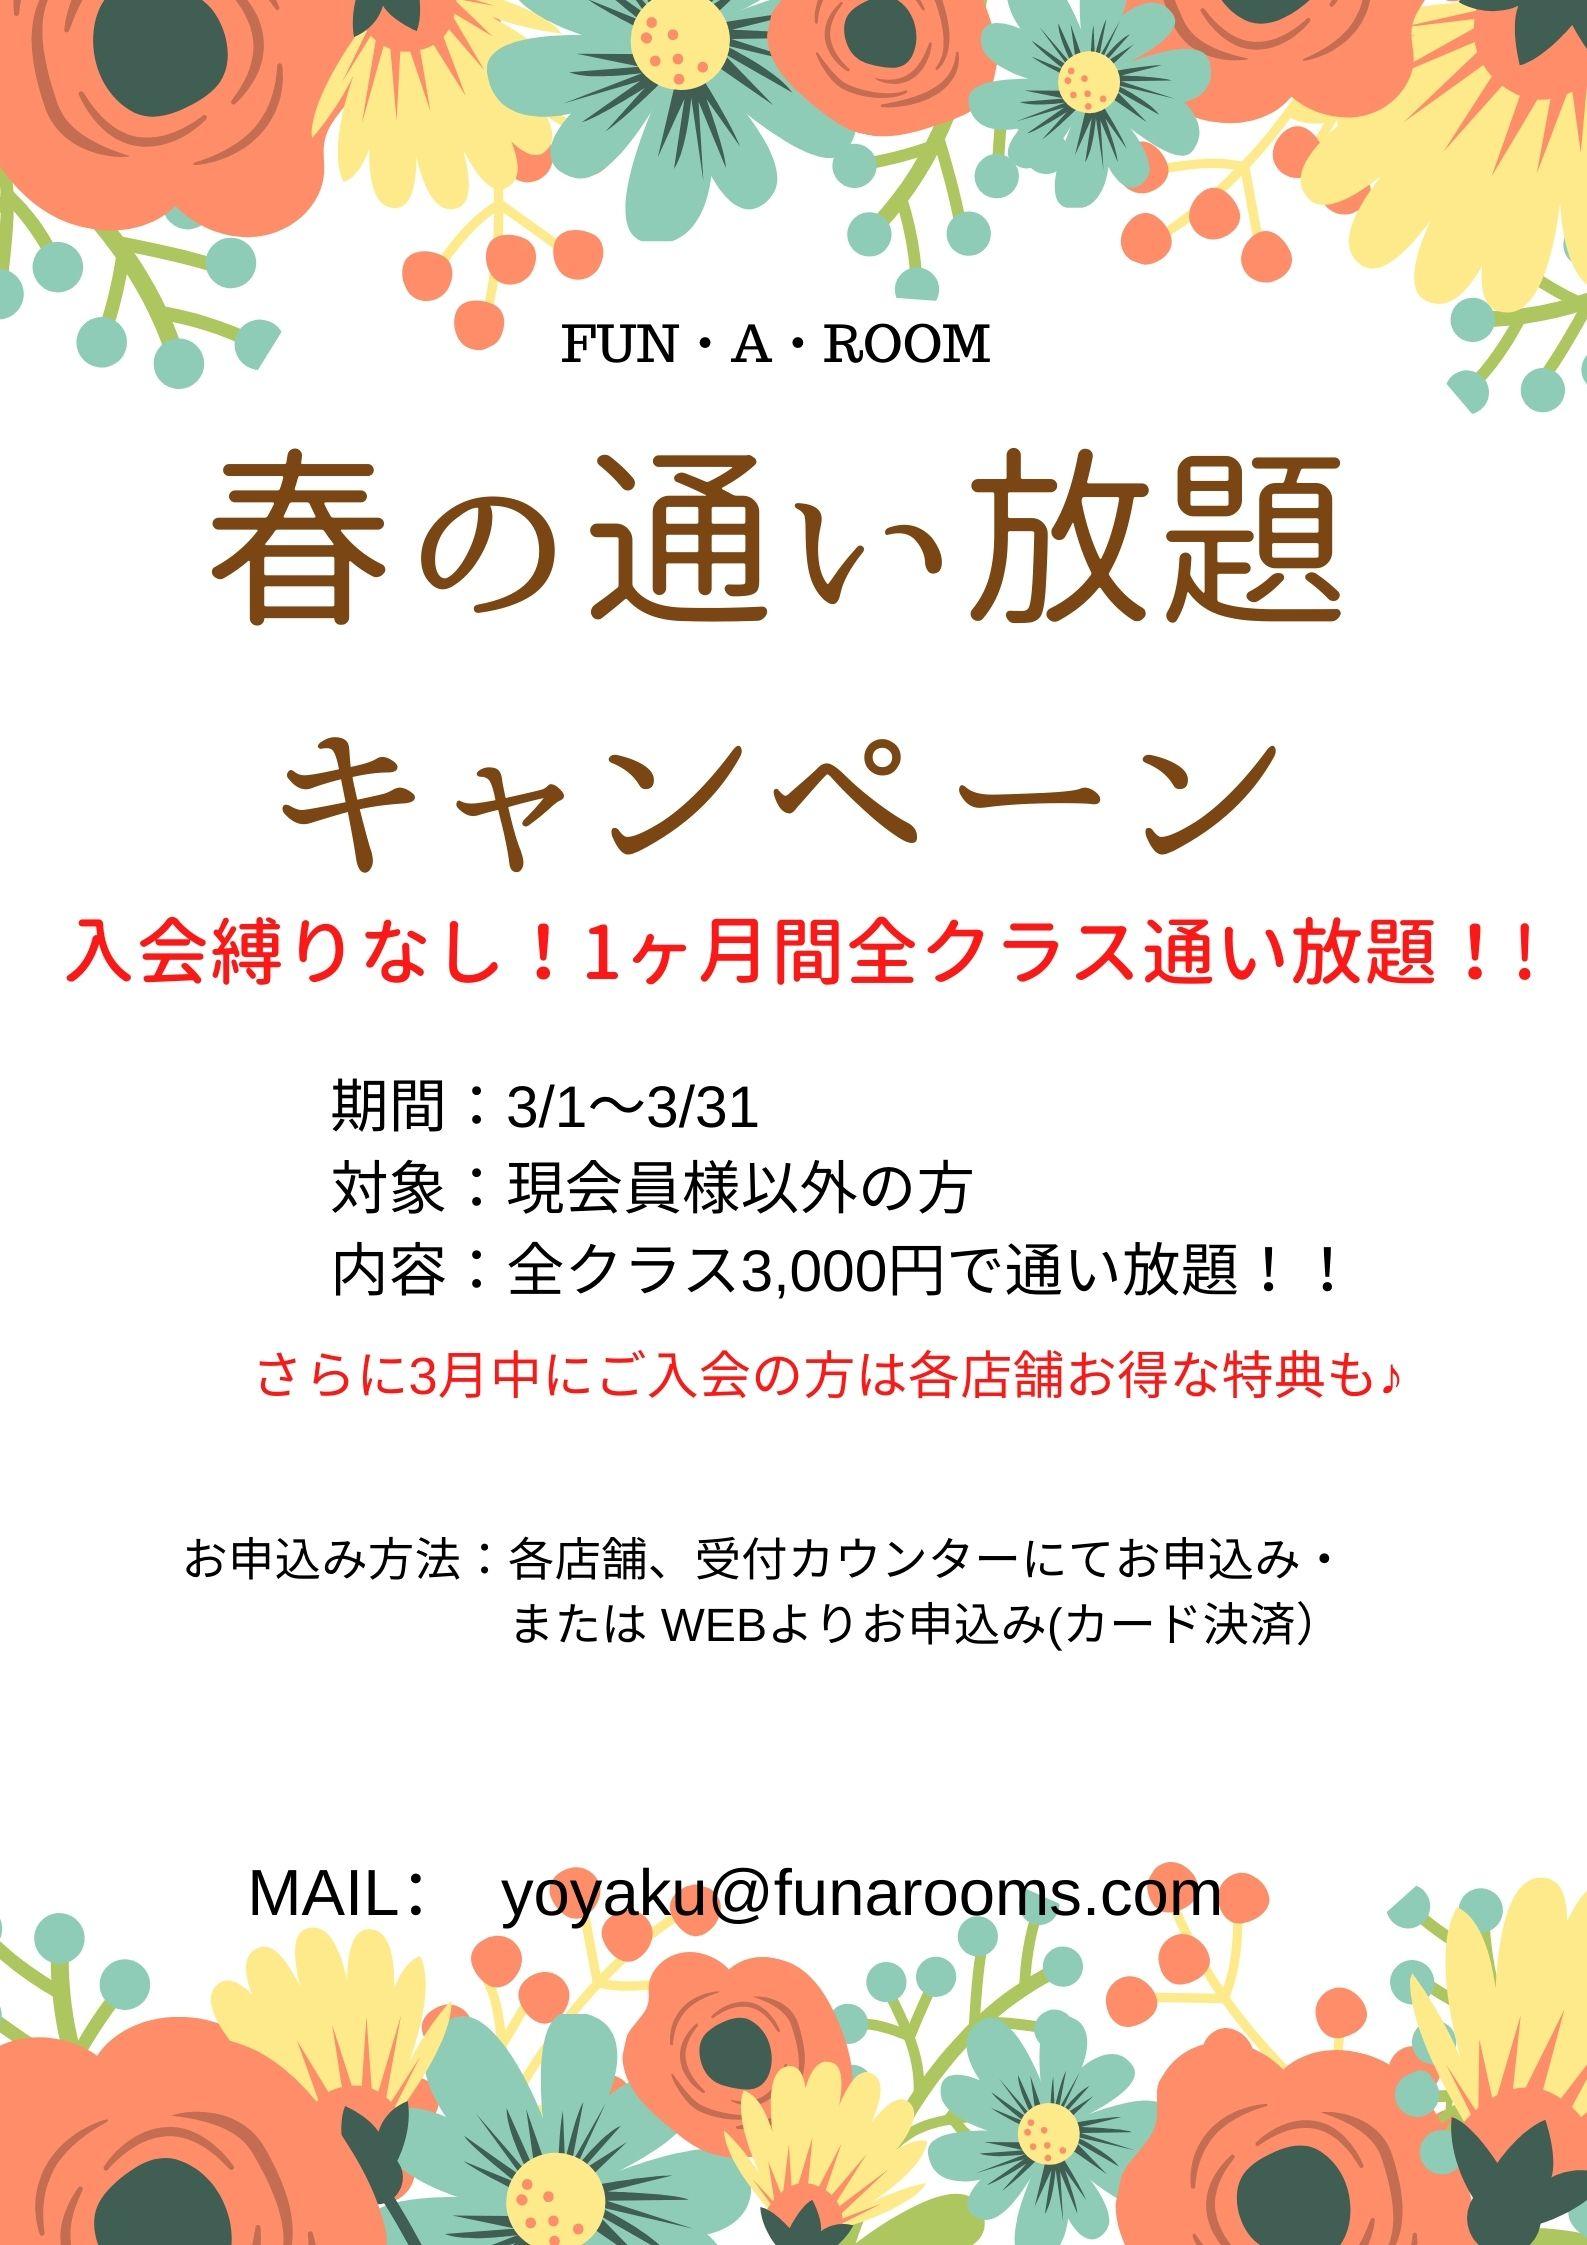 春の通い放題 キャンペーンHP用 (2)